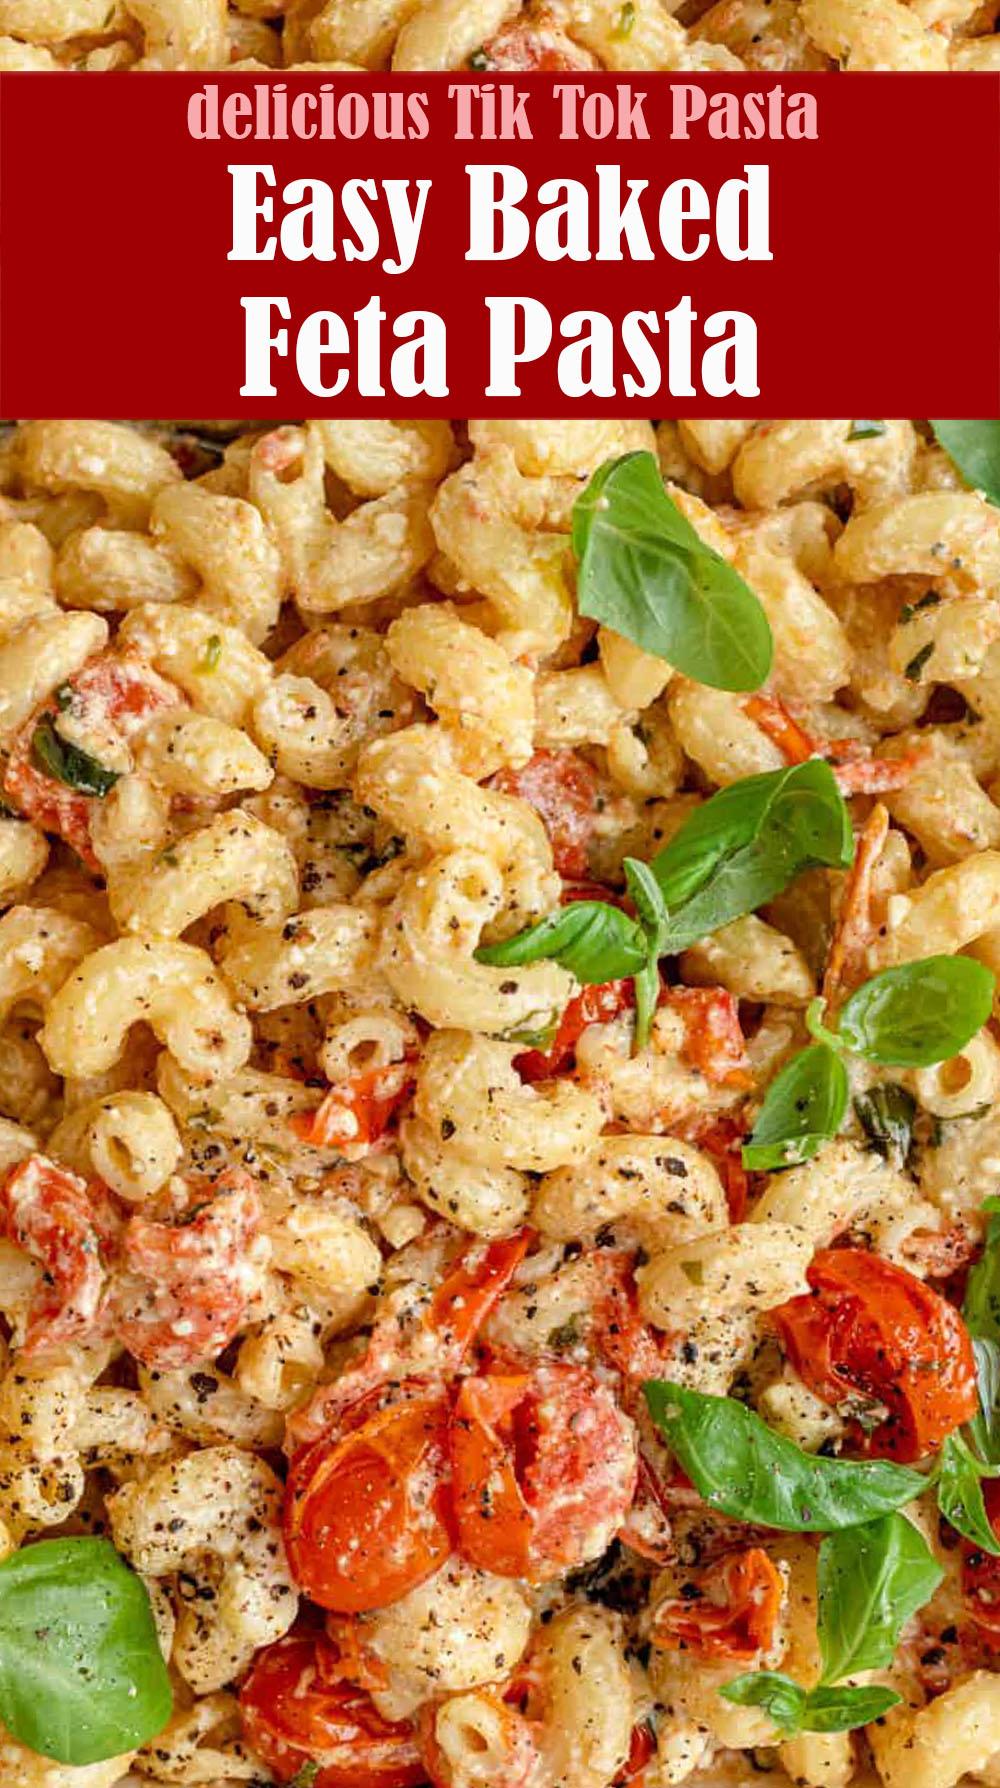 Easy Baked Feta Pasta Recipe